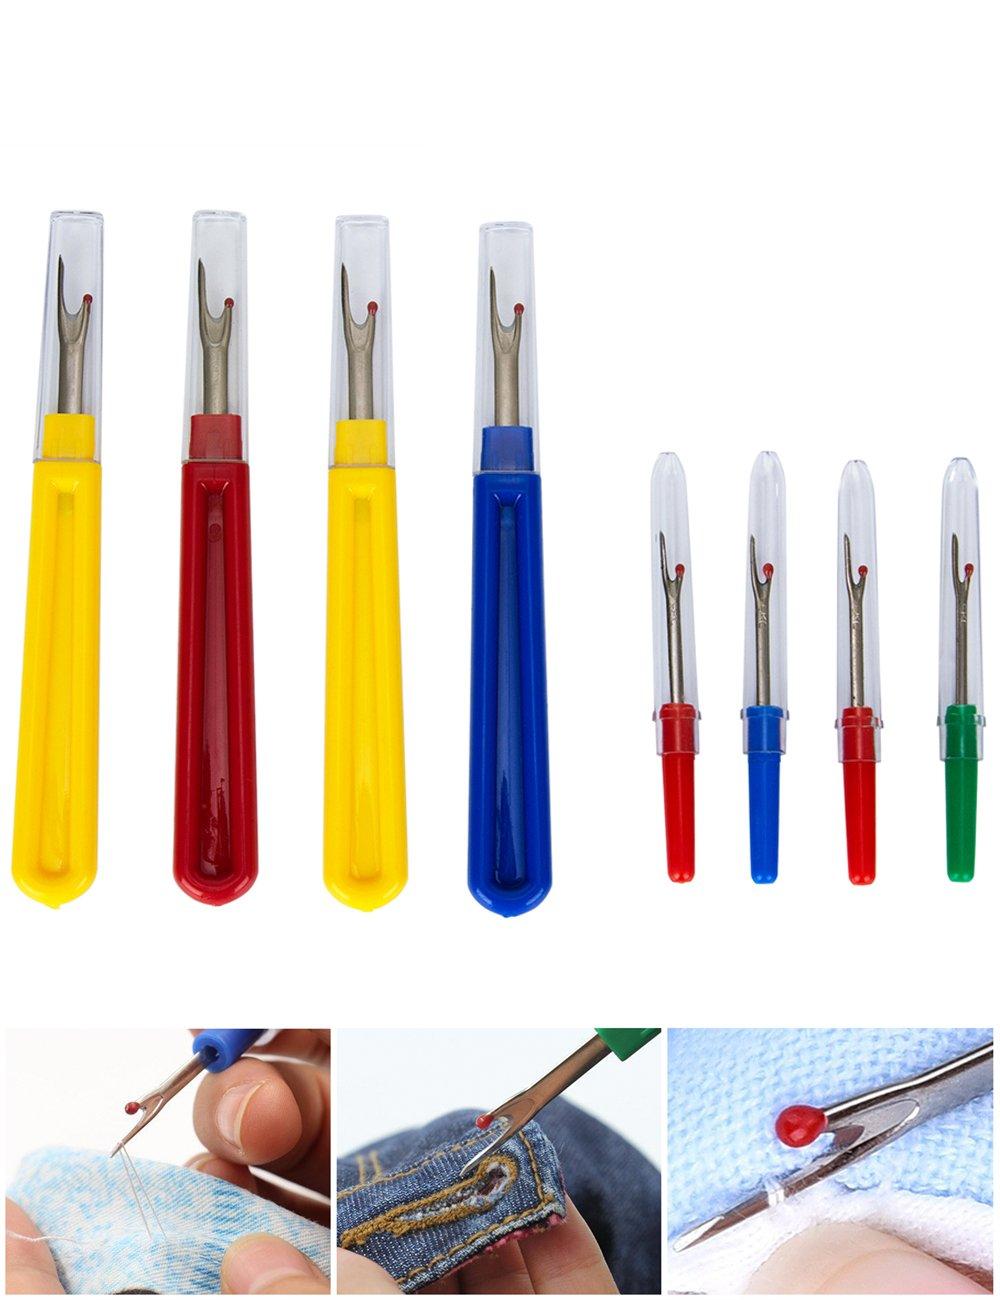 Taglia asole, 8PCS colorato 4grande e 4piccolo Handy Tagliafilo cucito strumenti per rimuovere cuciture, cucitura e apertura con asole Sadzero